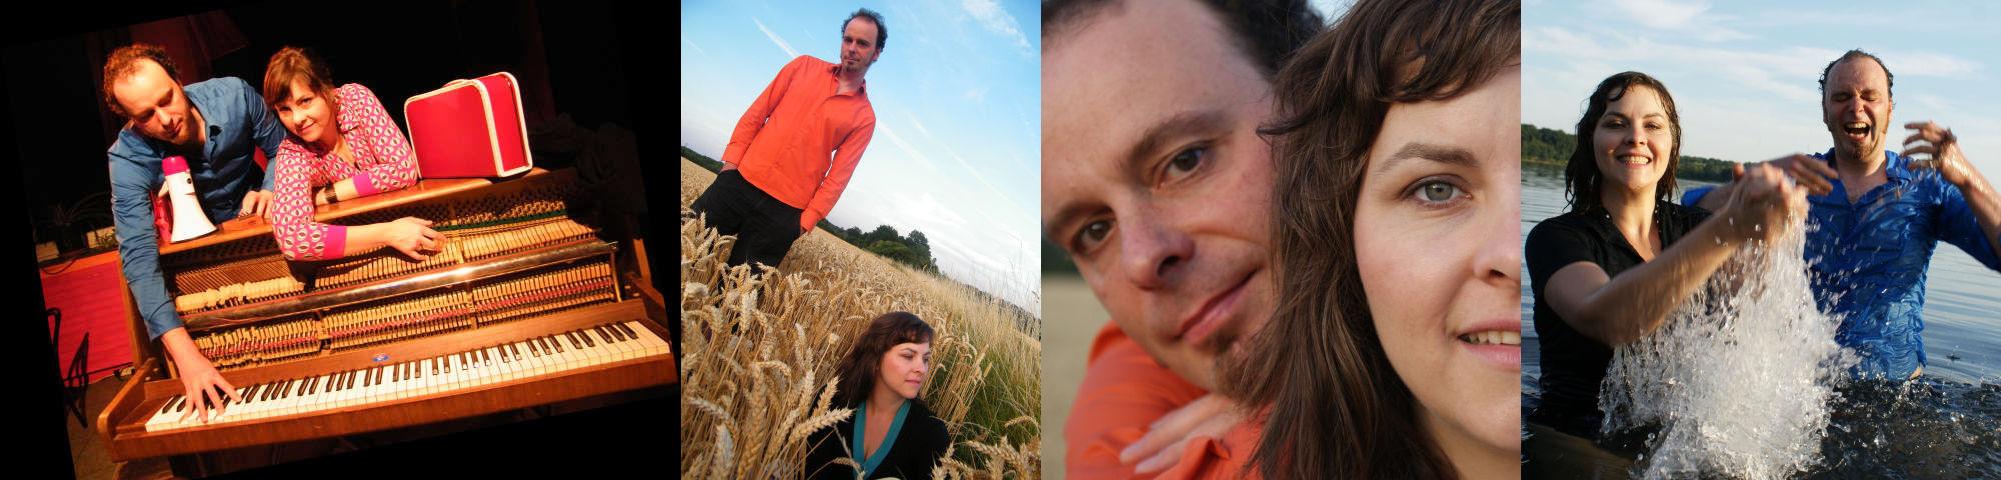 Marc Brenken & Anke Jochmaring (Voc)